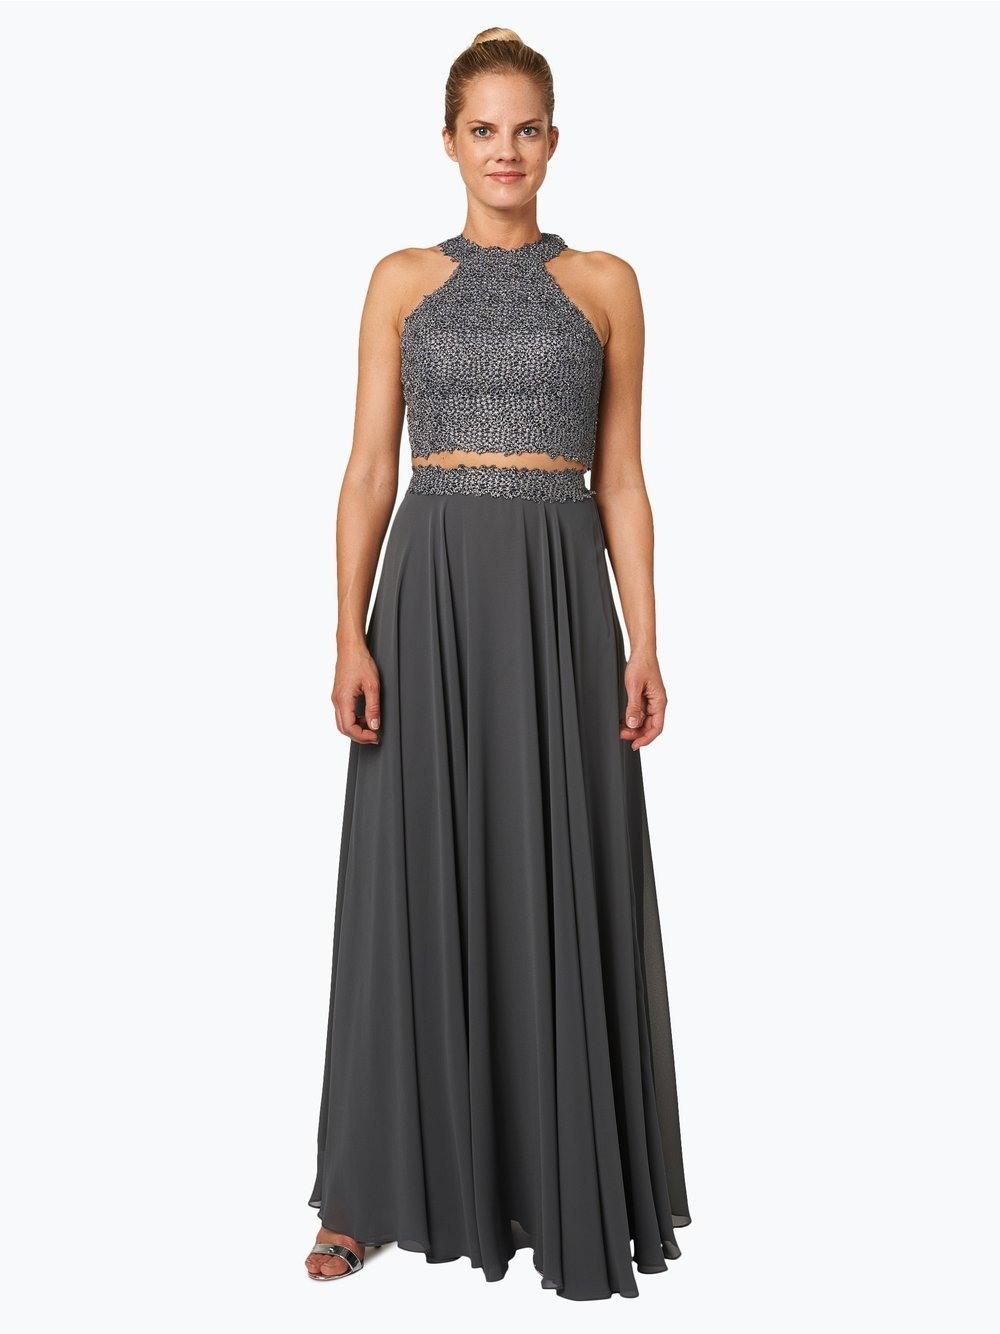 10 Großartig Abendkleid Bauchfrei Galerie - Abendkleid